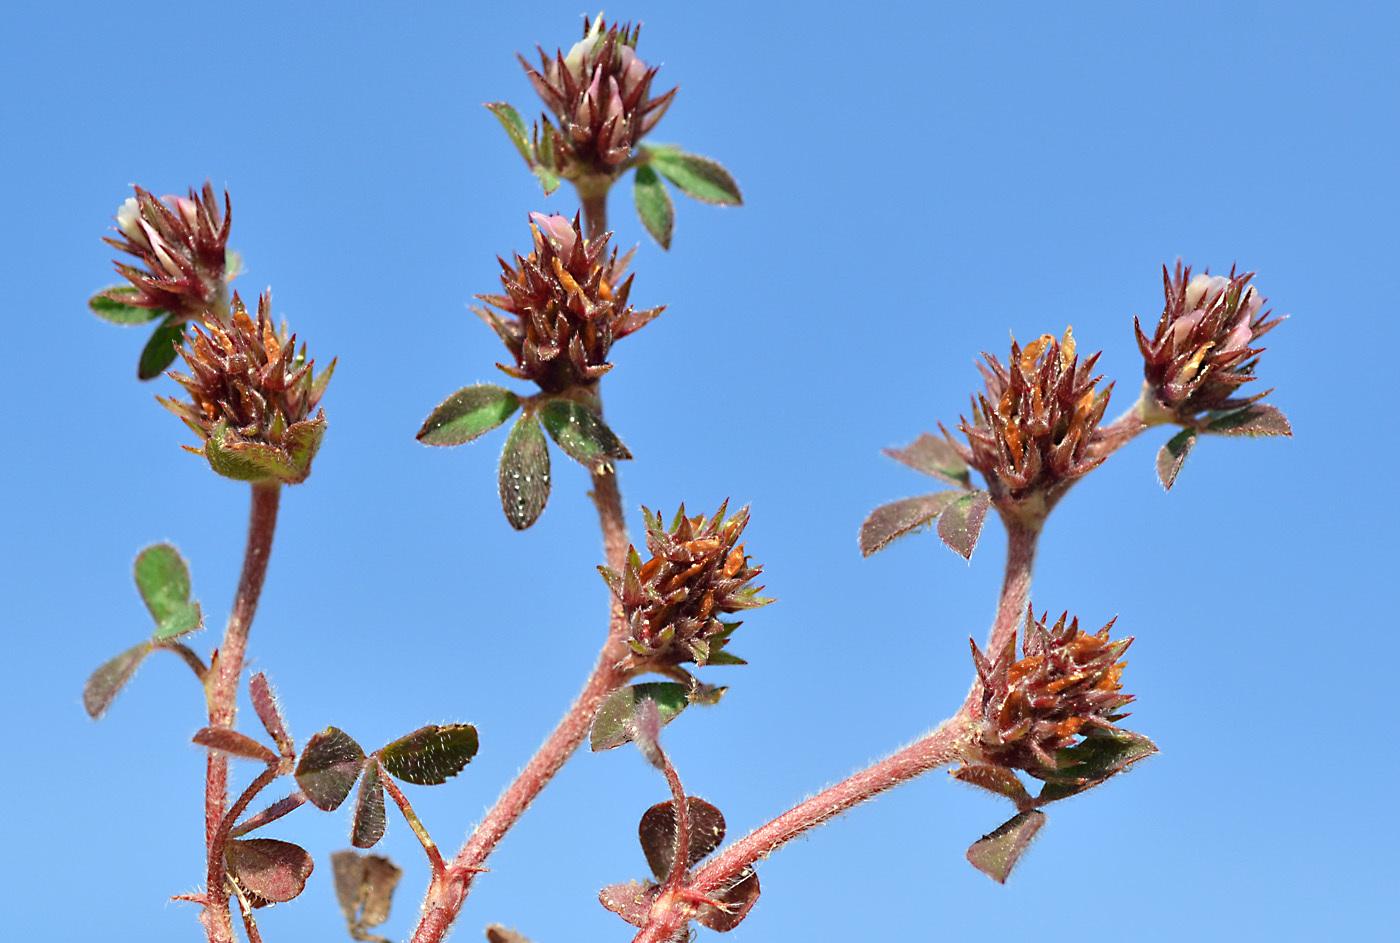 https://pictures.bgbm.org/digilib/Scaler?fn=Cyprus/Trifolium_scabrum_C1.jpg&mo=file